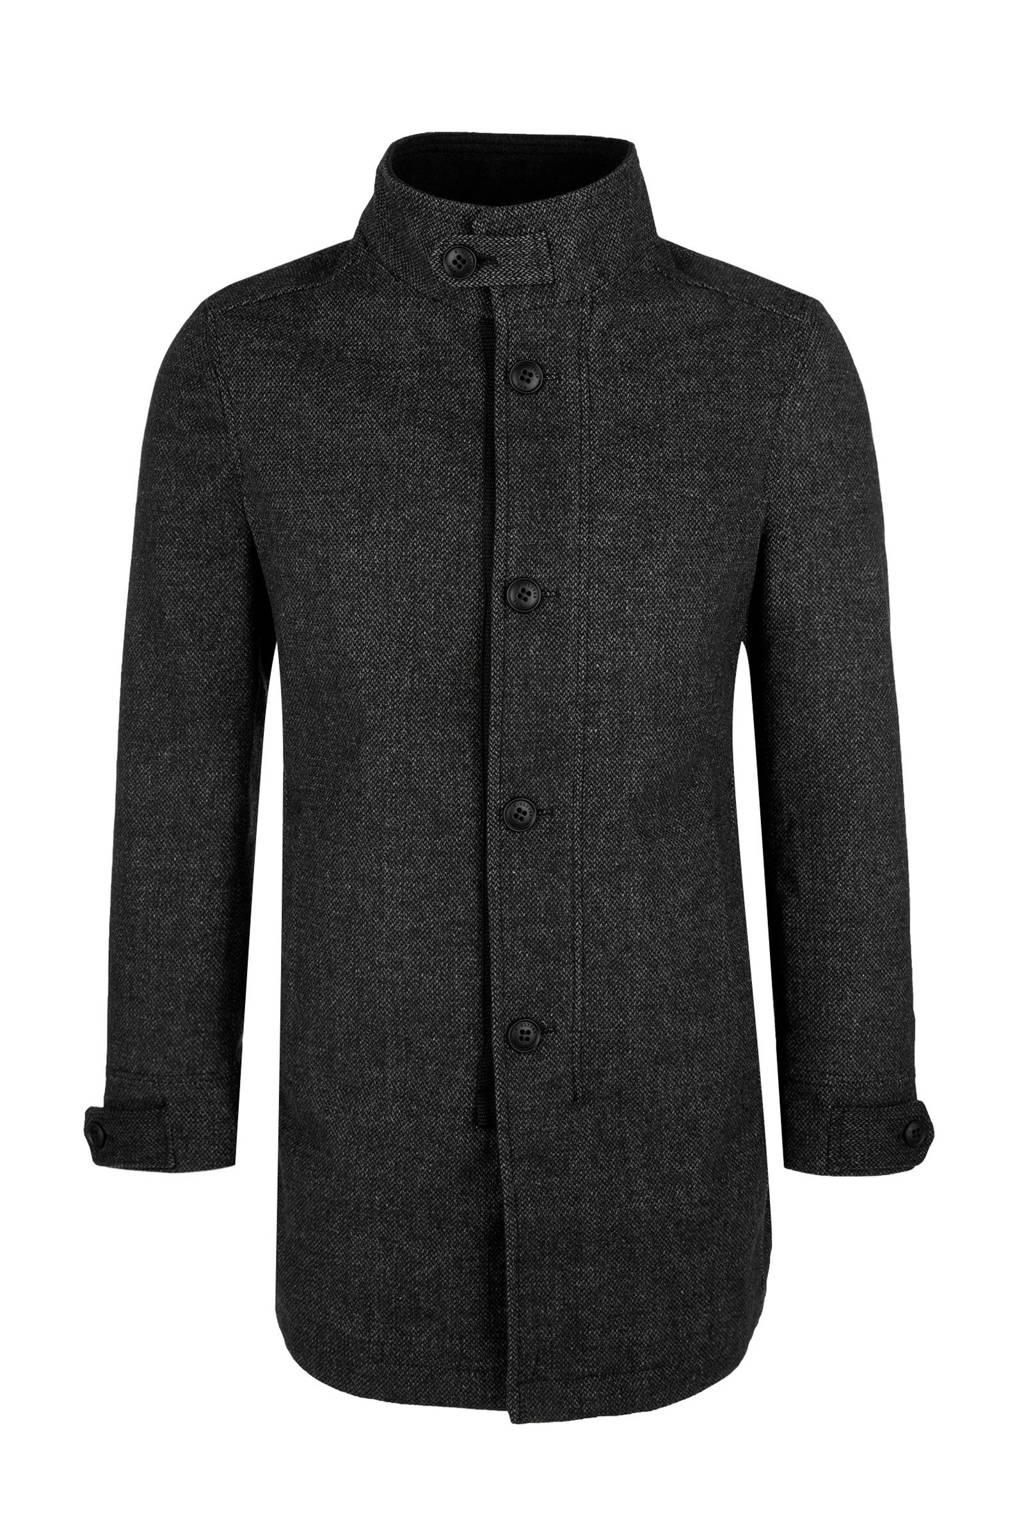 s.Oliver coat met wol antraciet, Antraciet